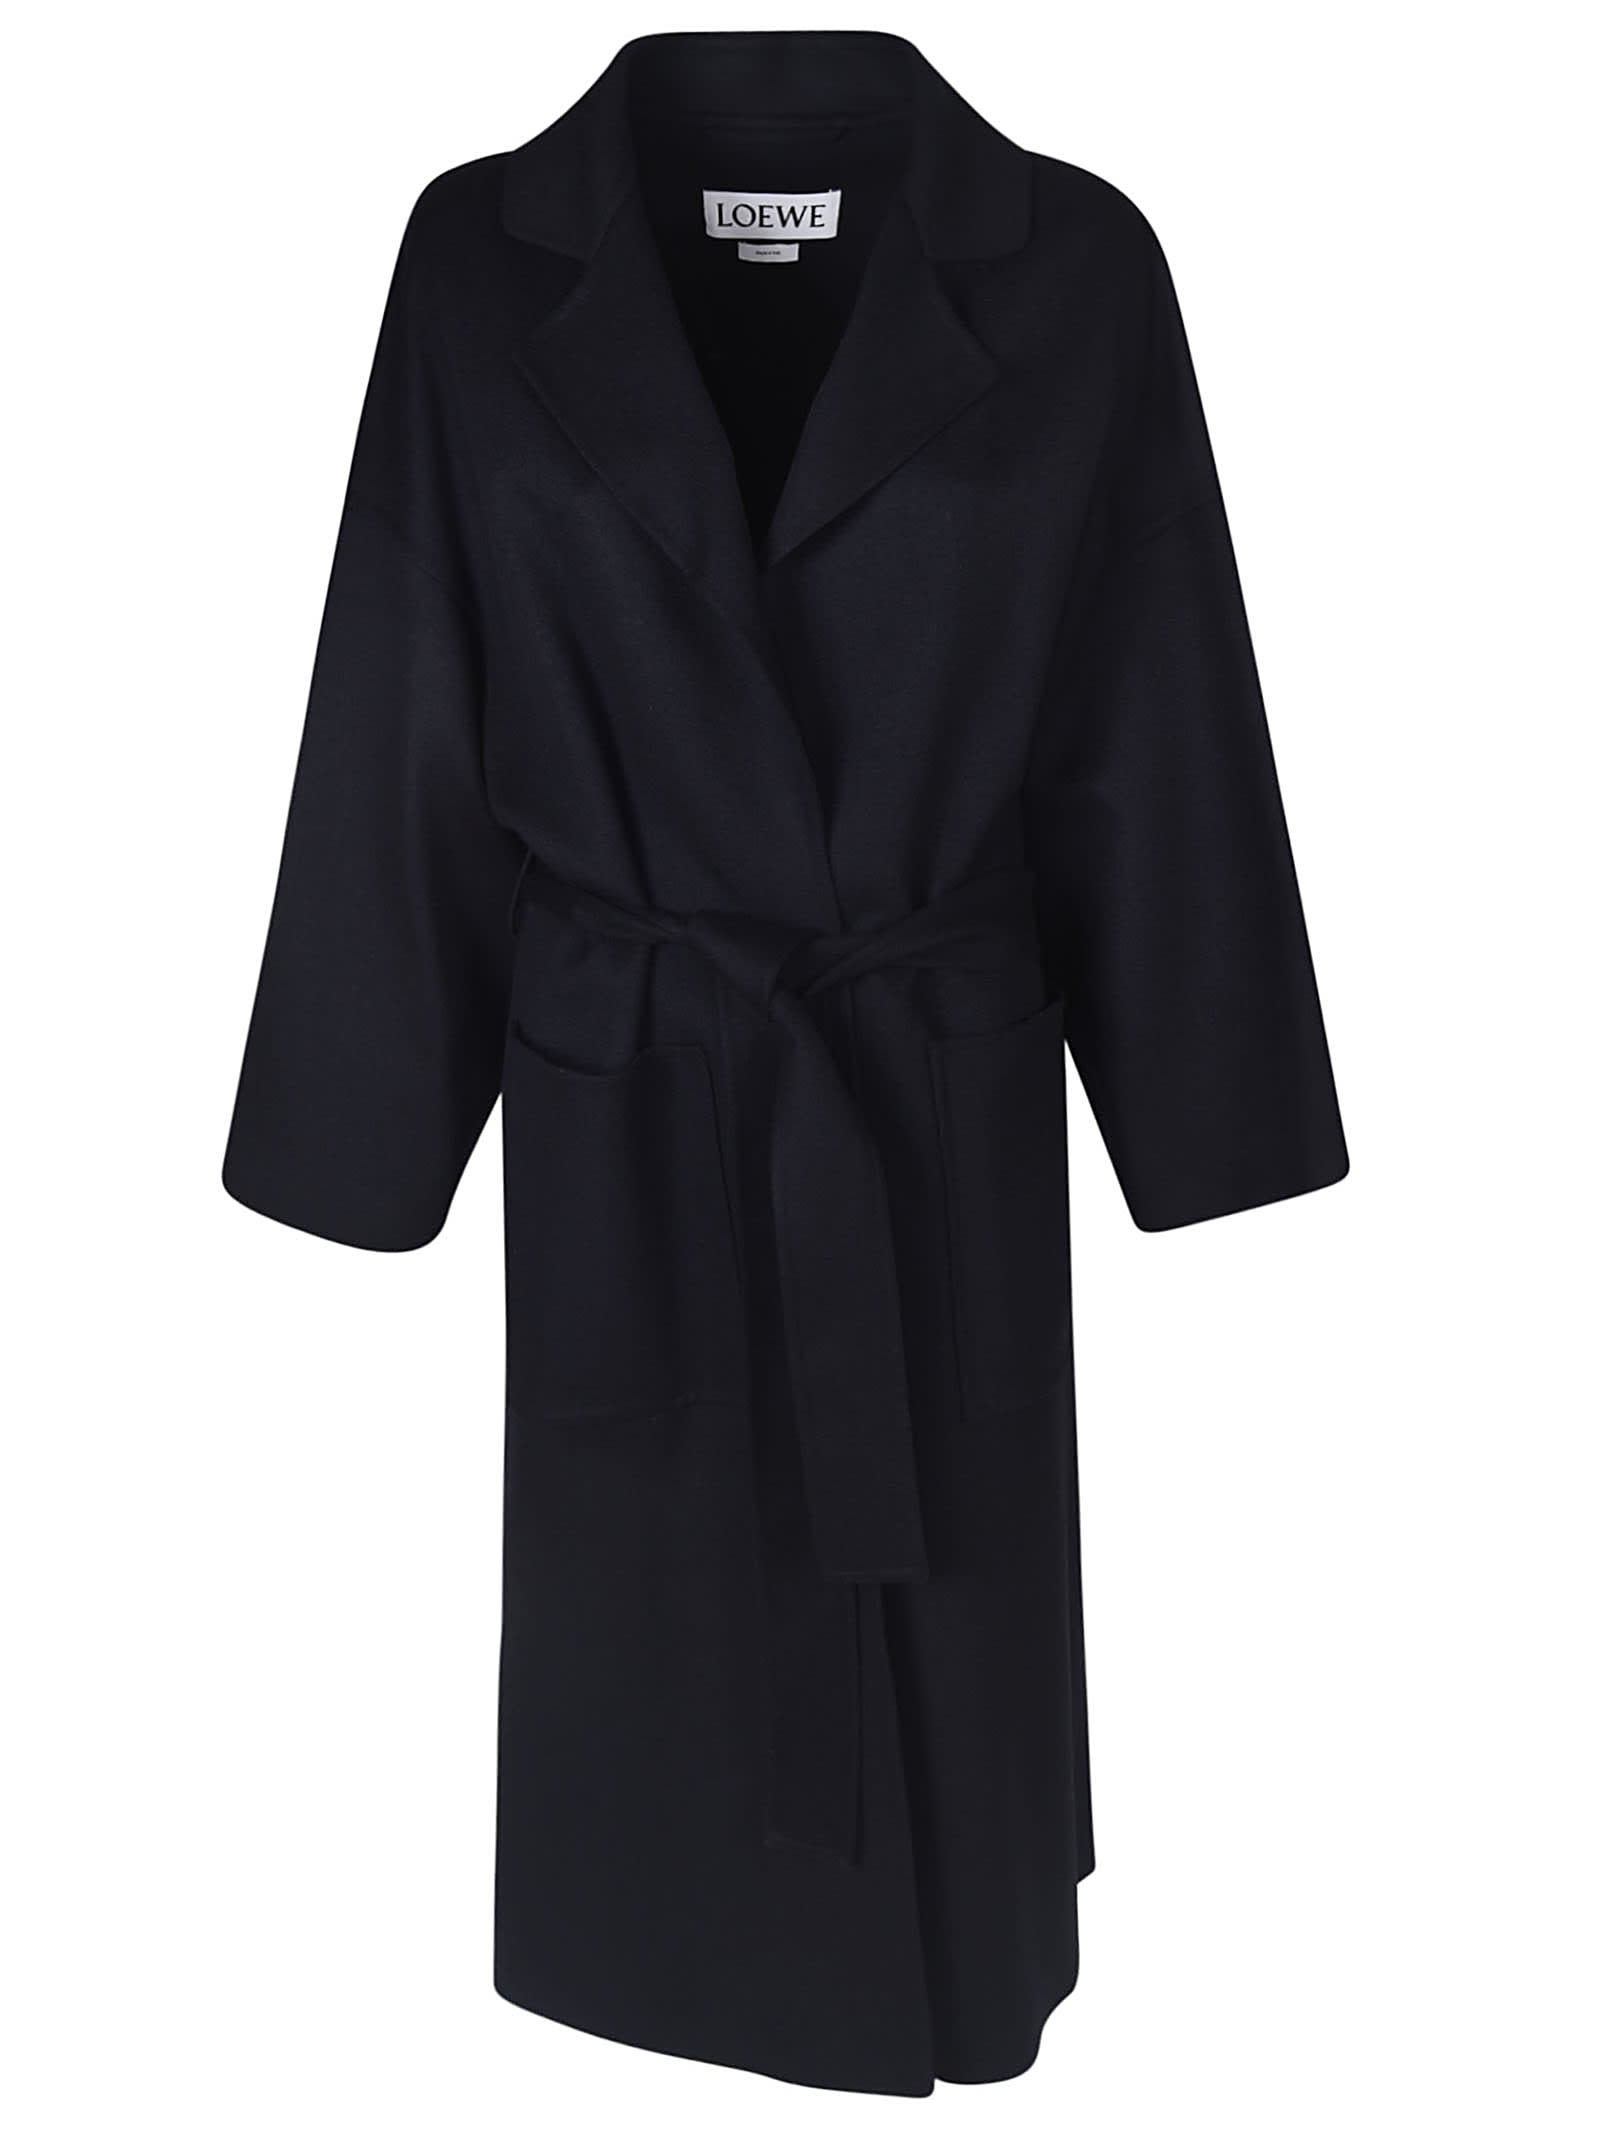 Loewe Belted-tied Coat